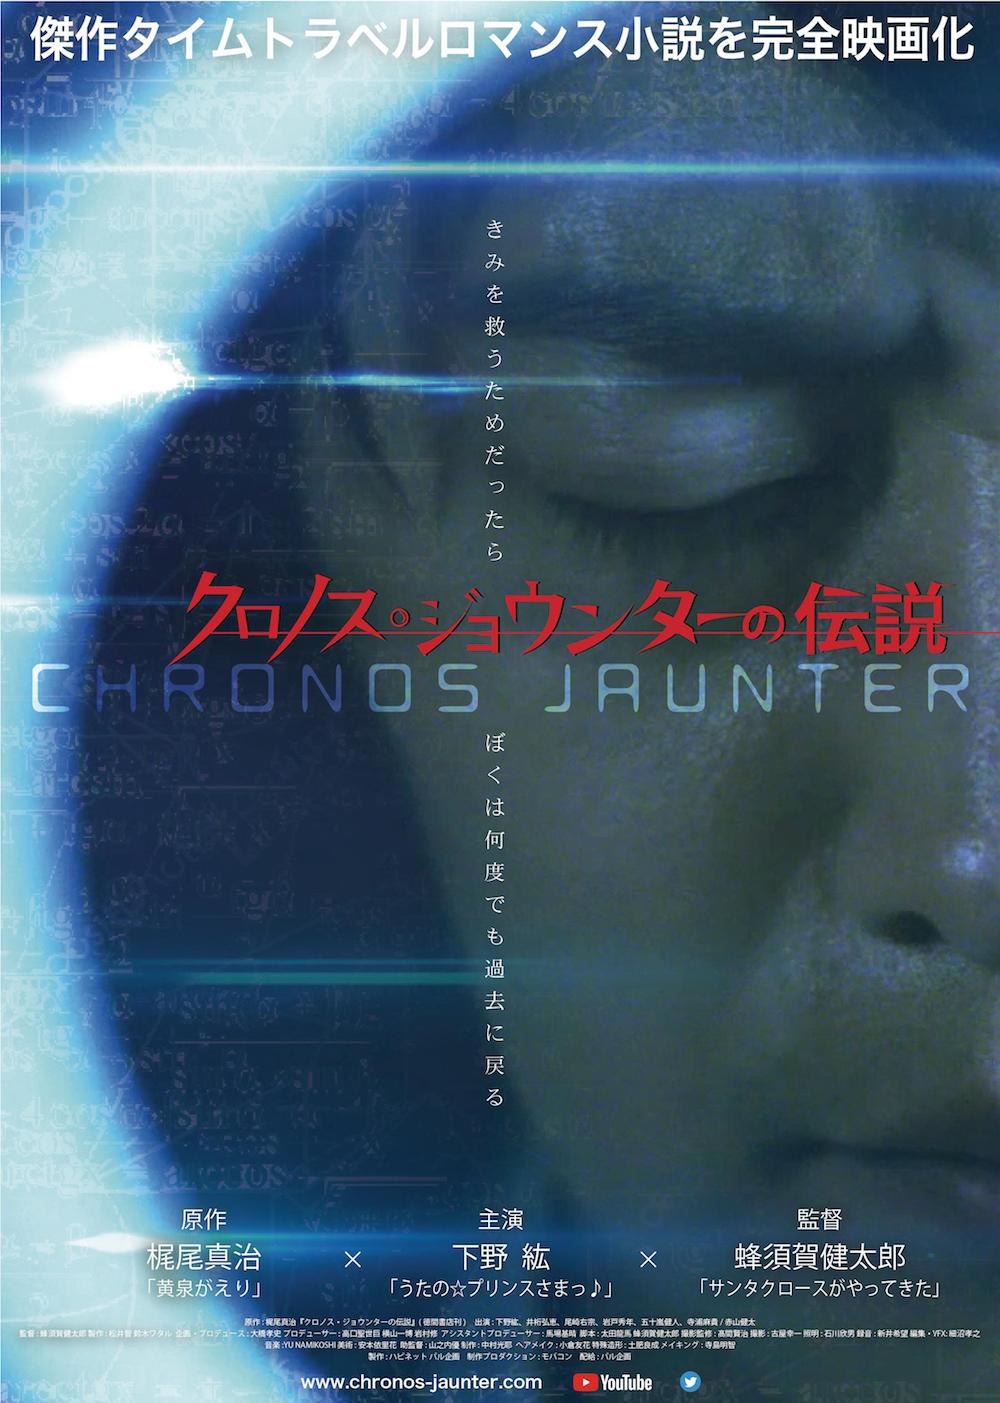 映画『クロノス・ジョウンターの伝説』